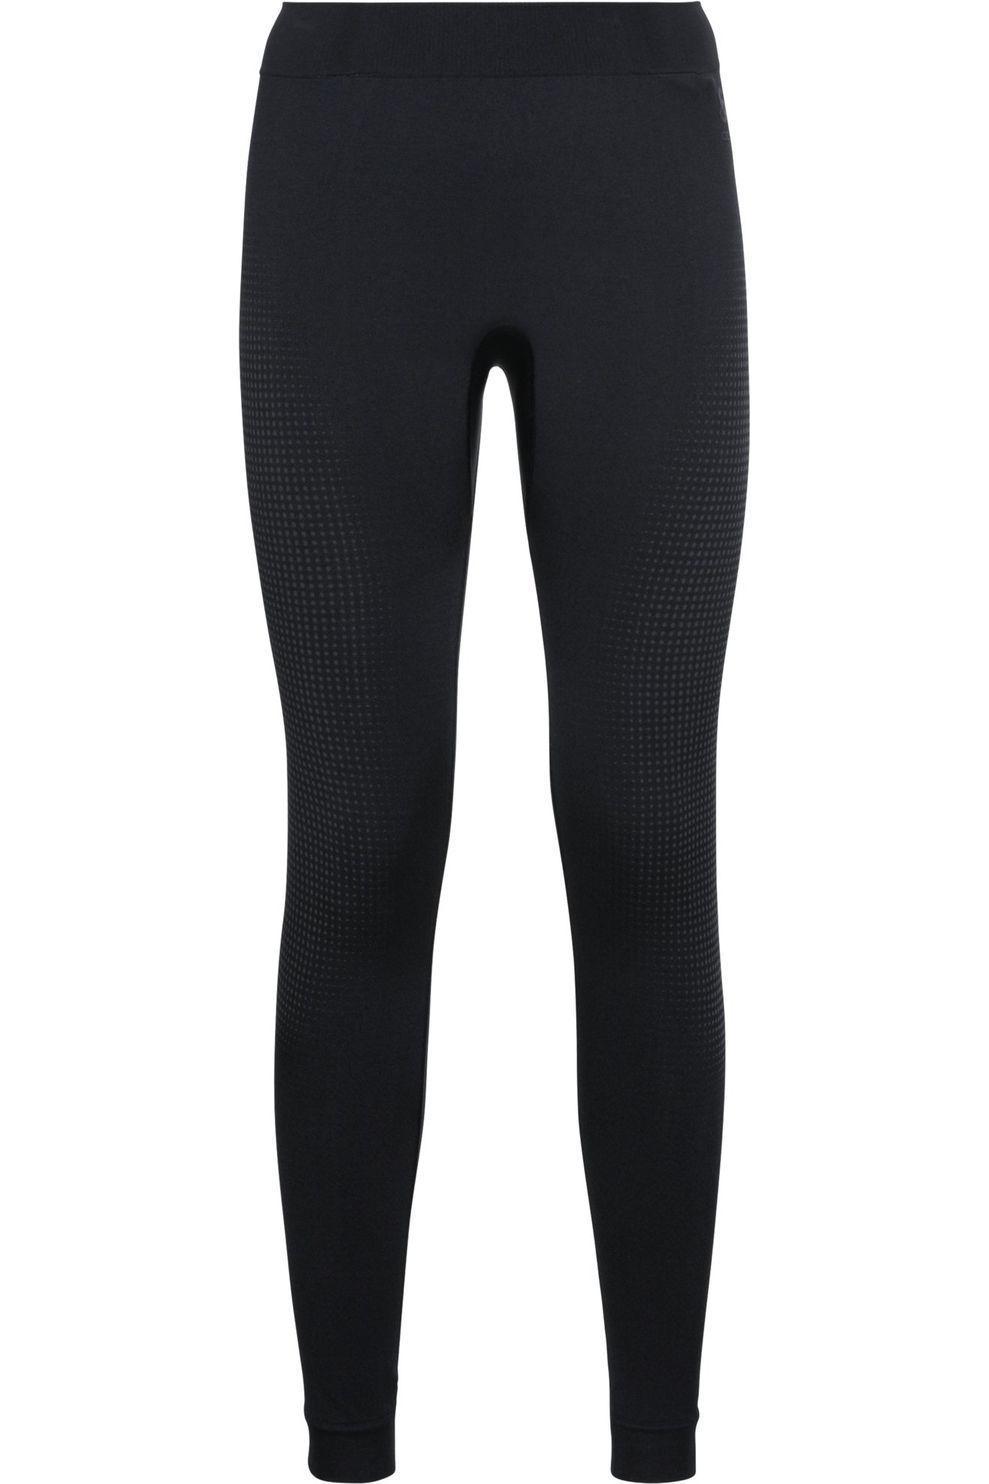 Odlo Ondergoed Performance Warm Eco voor dames - Zwart/Grijs - Maten: XS, S, M, L, XL